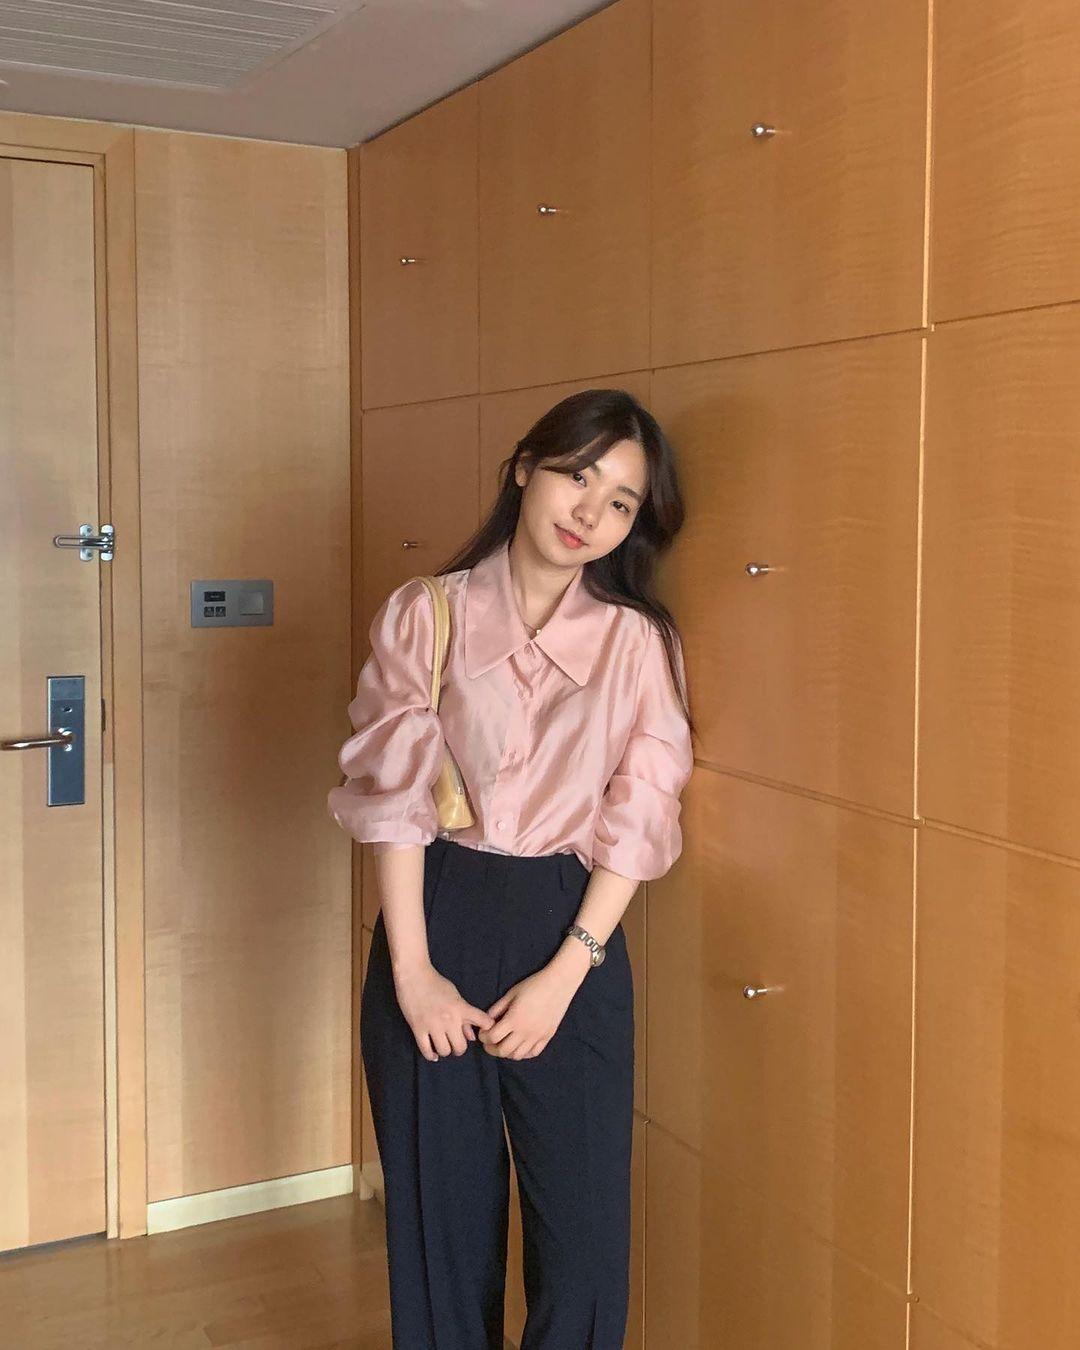 Gái Hàn có 12 cách lên đồ với áo blouse đẹp mê, xem xong là muốn copy đến sở làm liền - Ảnh 9.